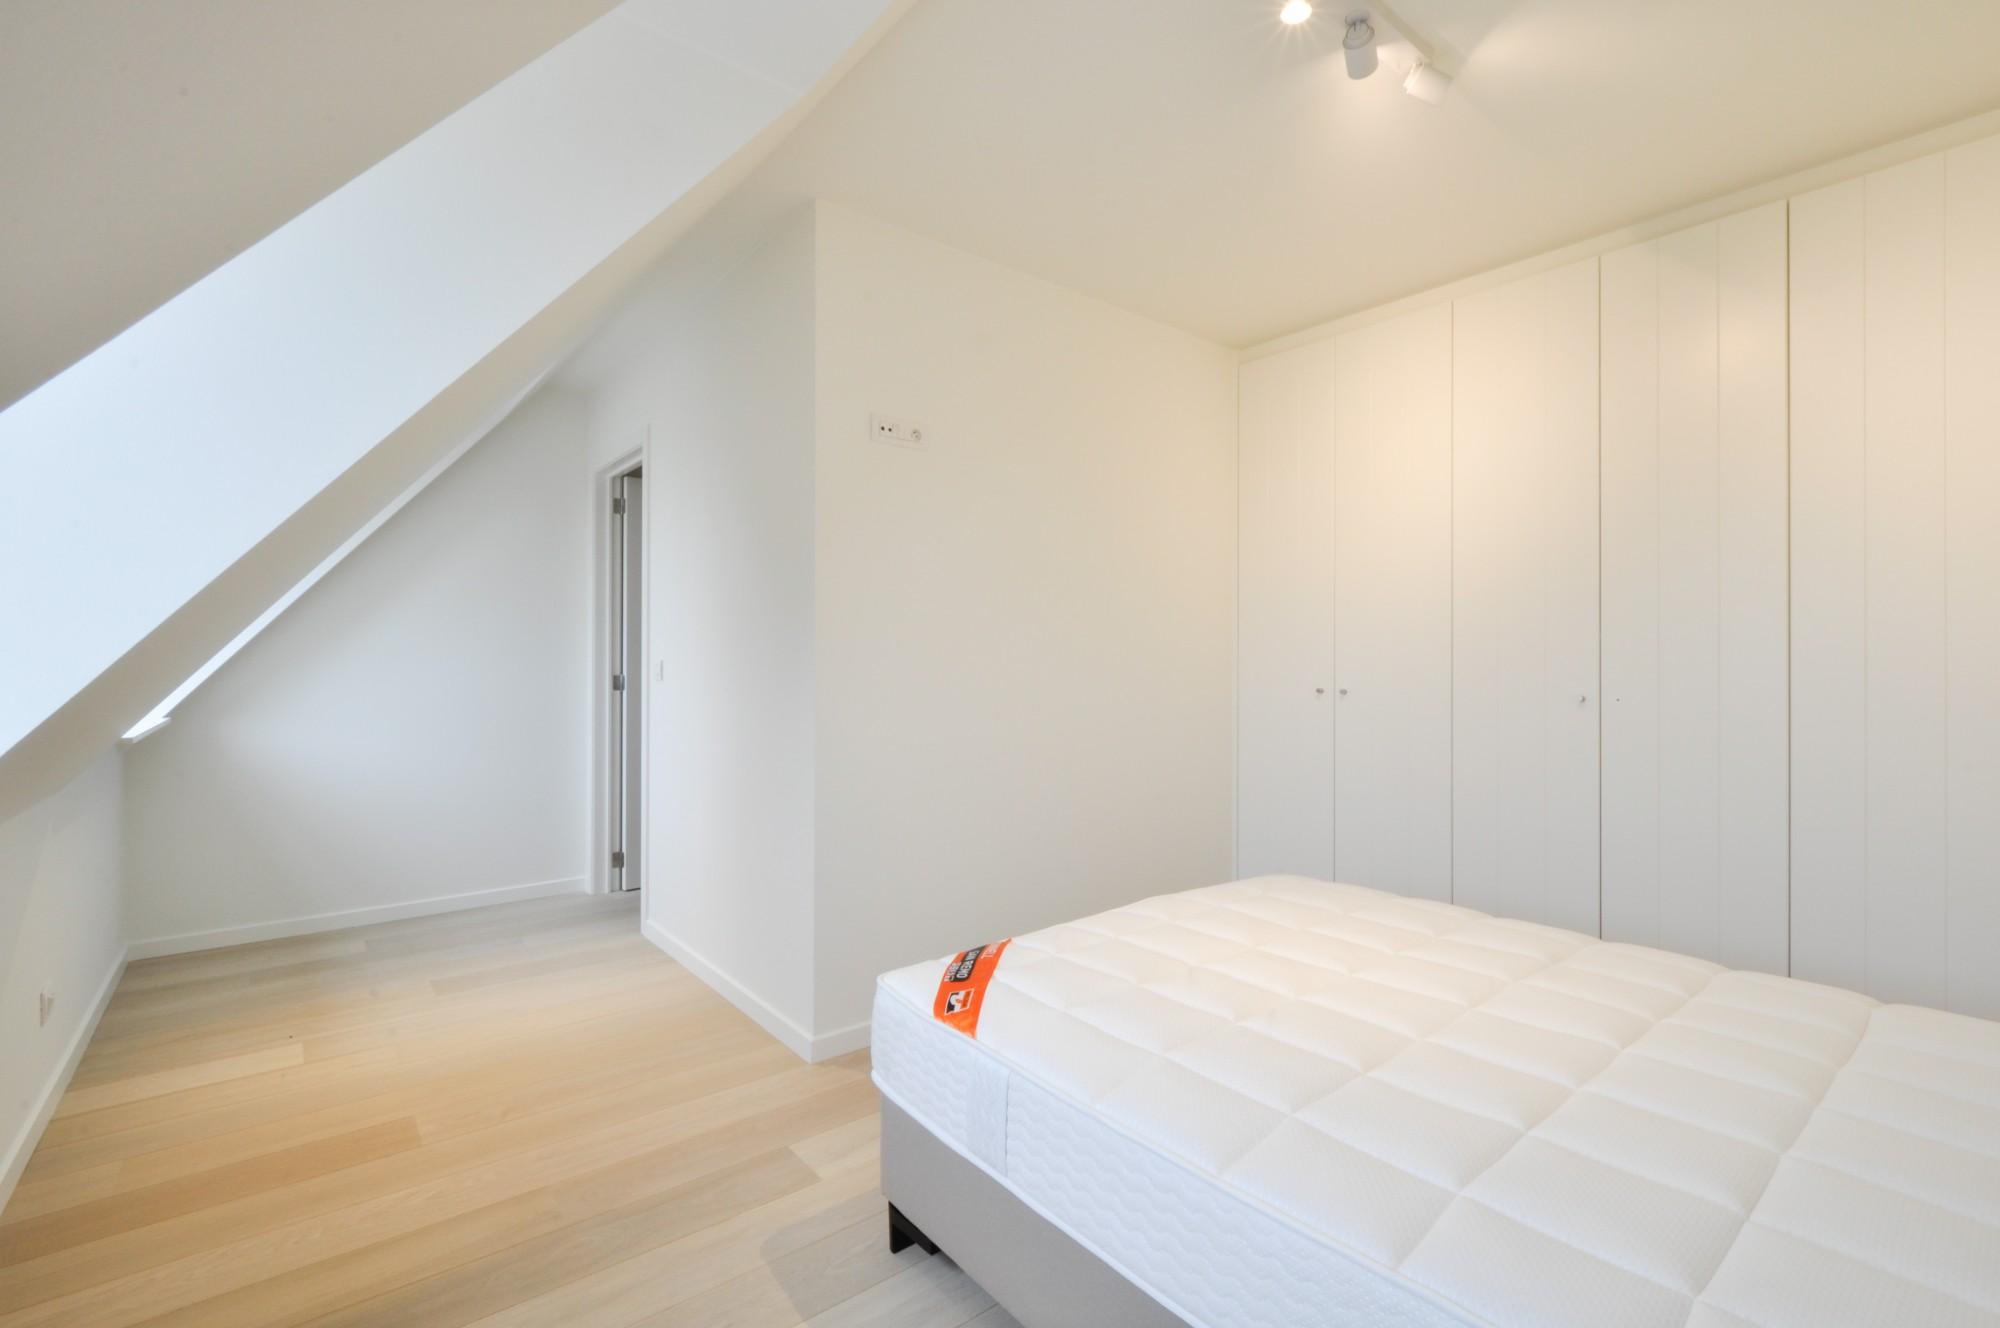 Vente Maison 4 CH Knokke-Heist -  Middelhoek